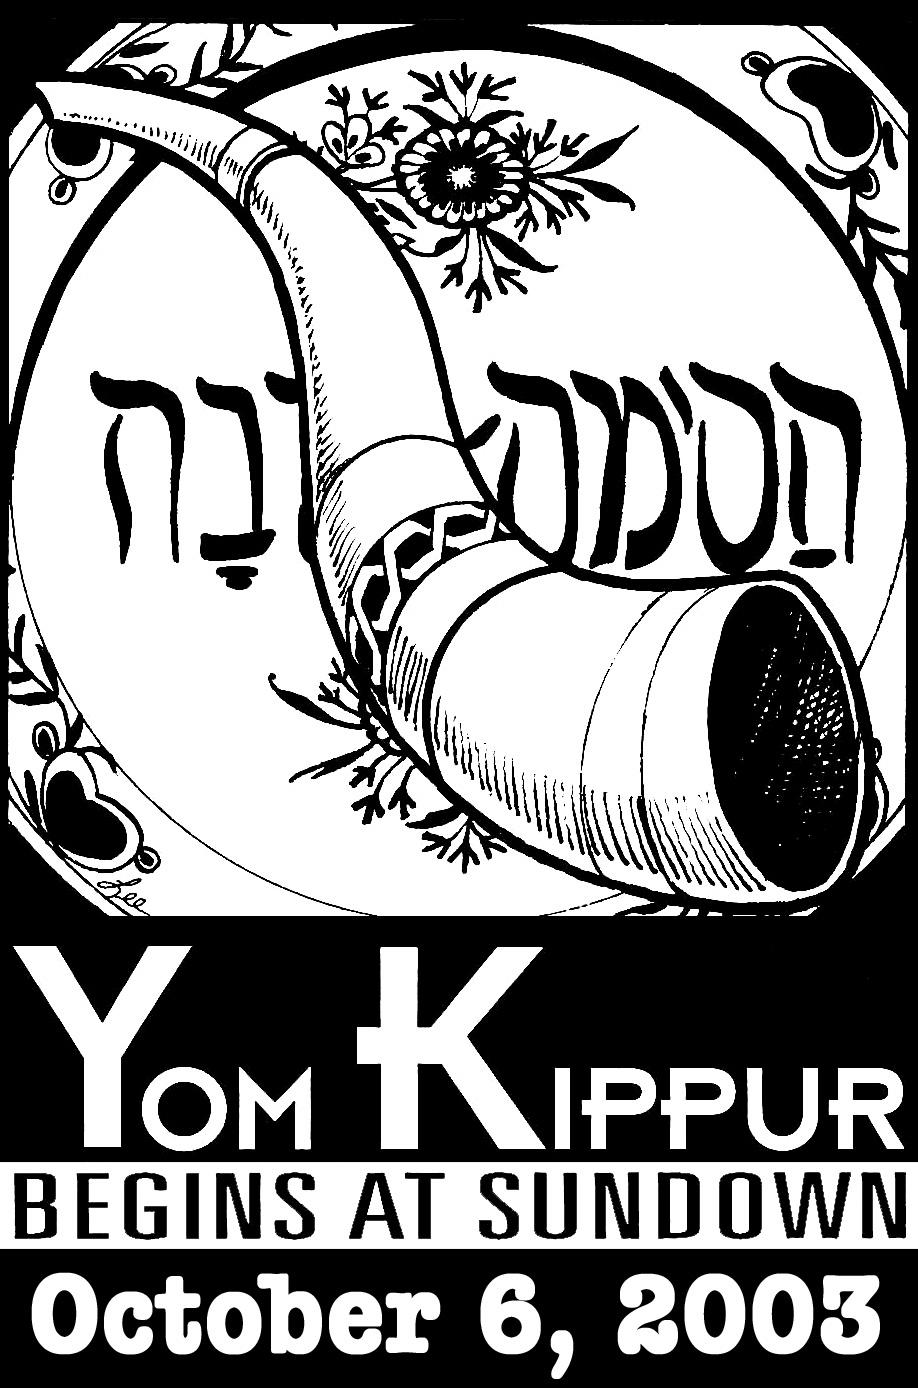 FileYom Kippur2003jpg Wikimedia Commons